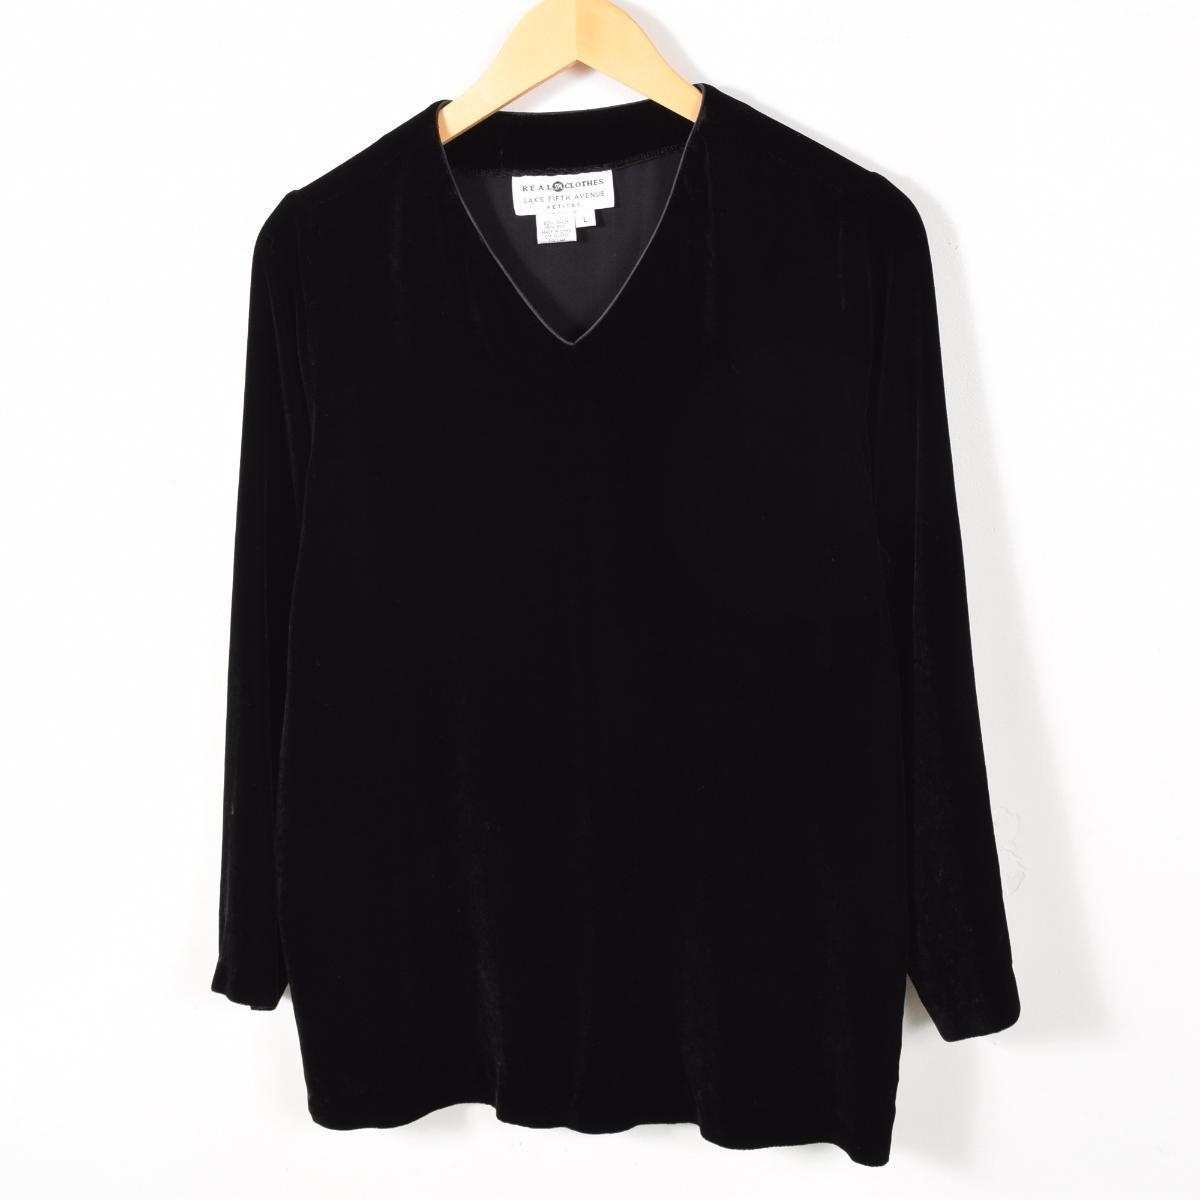 ベロア Vネック カットソー レディースL REAL CLOTHES /wab6540 【中古】 【170218】